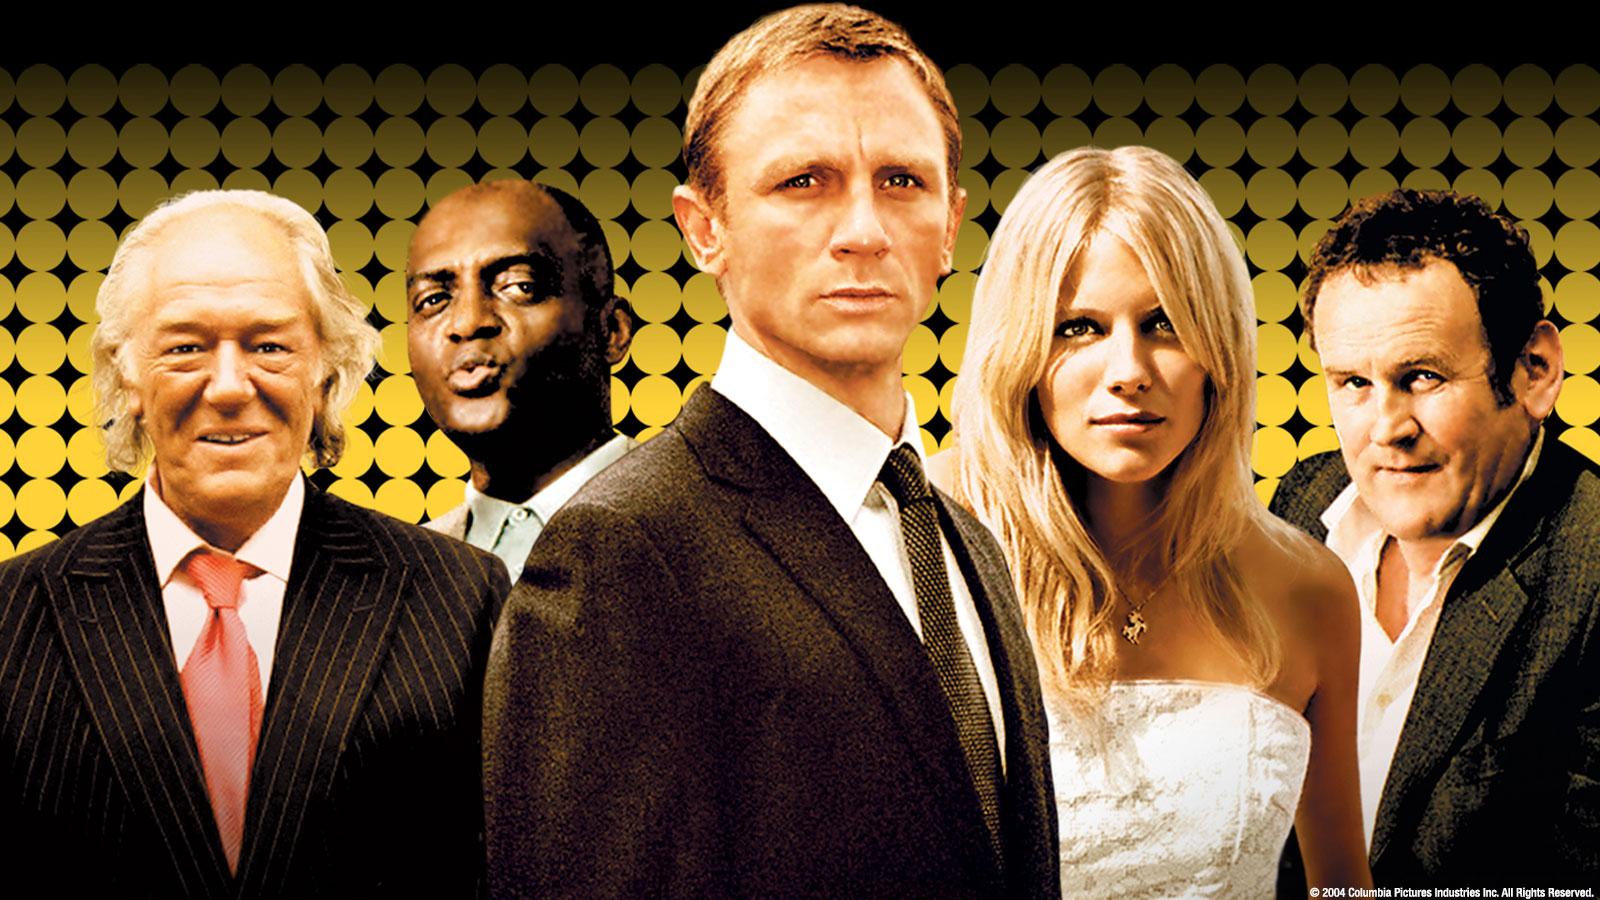 أربعة أفلام رائعة عليك مشاهدتها وإن لم تأخذ حقها من الشهرة